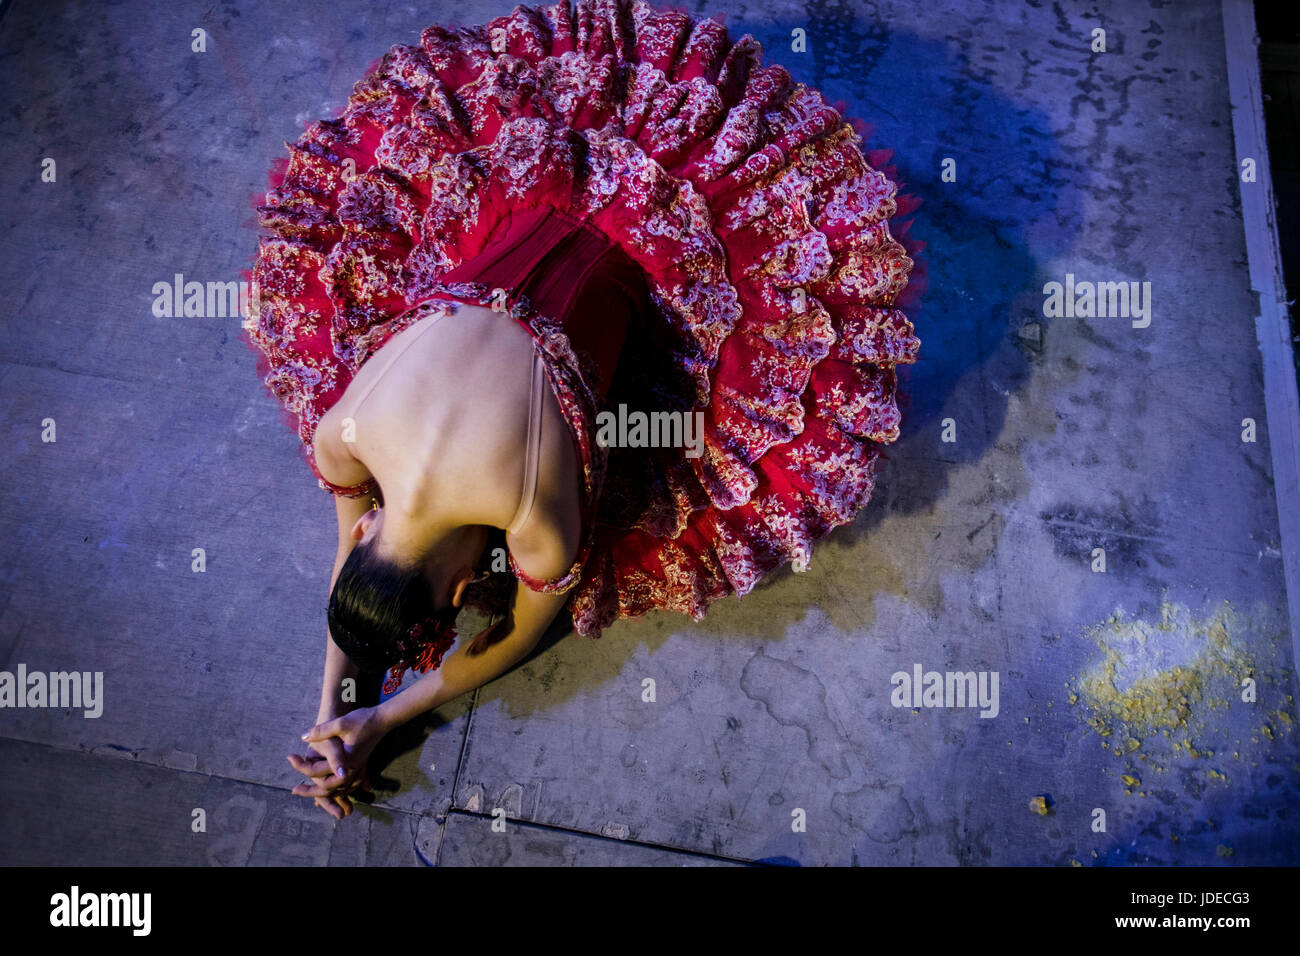 Une ballerine s'apprête à se rendre sur la scène de The Bolshoi theter avant exécution à Photo Stock